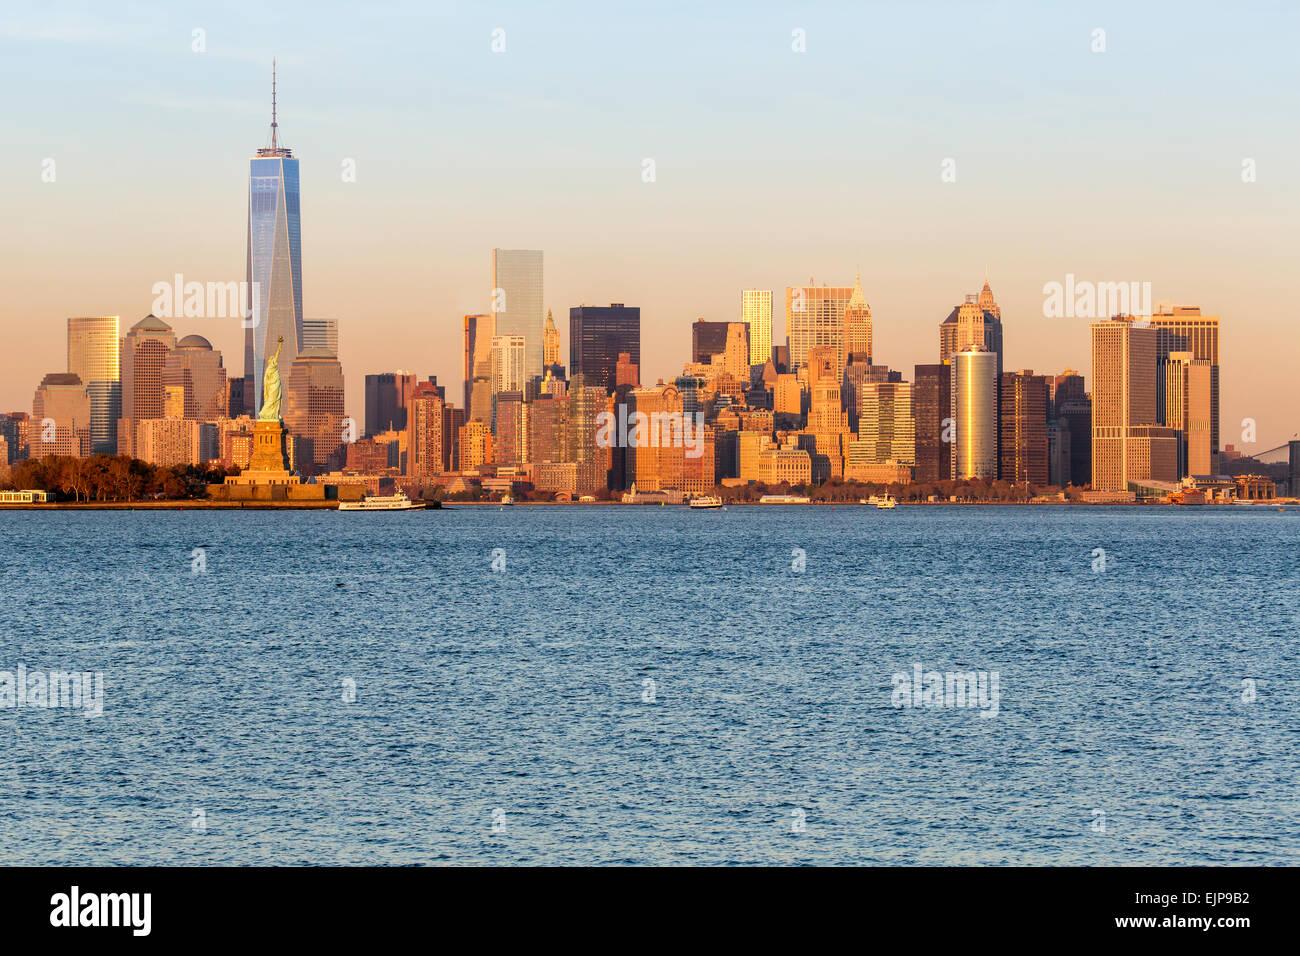 Freiheitsstatue, One World Trade Center und die Innenstadt von Manhattan über den Hudson River, New York, Vereinigte Stockbild